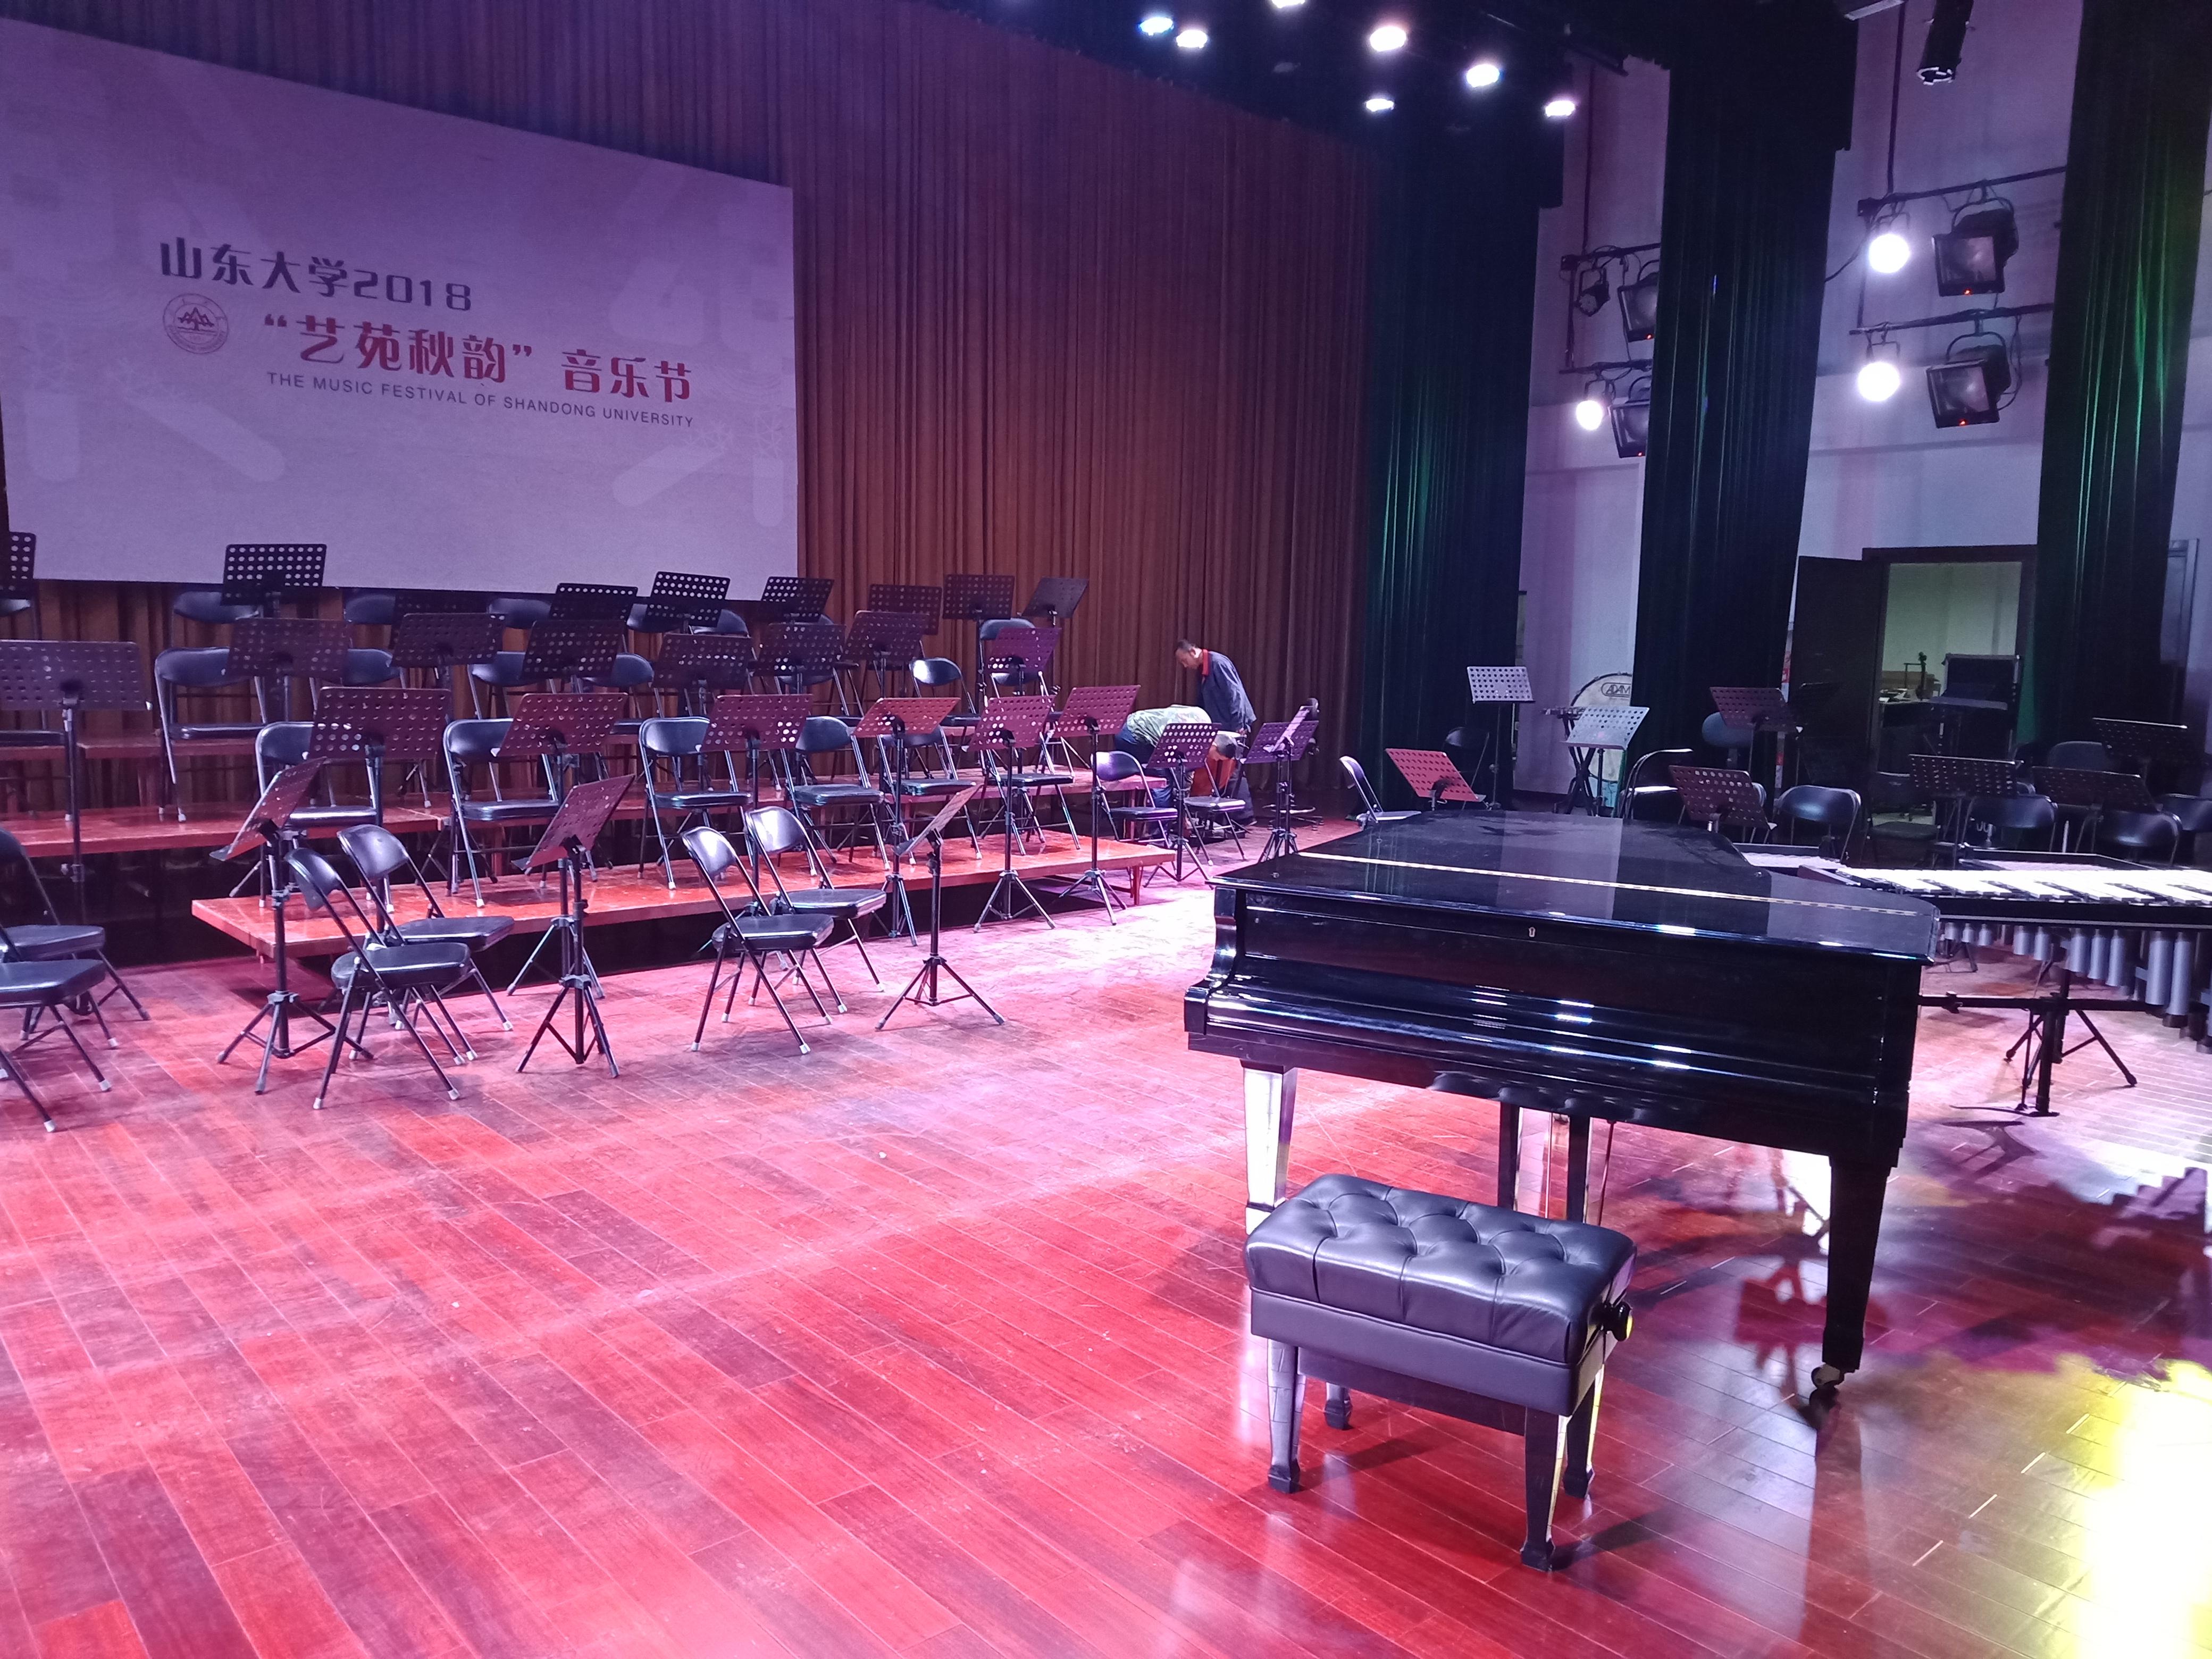 济南演出乐器搬运..公司搬家.钢琴搬运.济南万泰搬家 15098925616